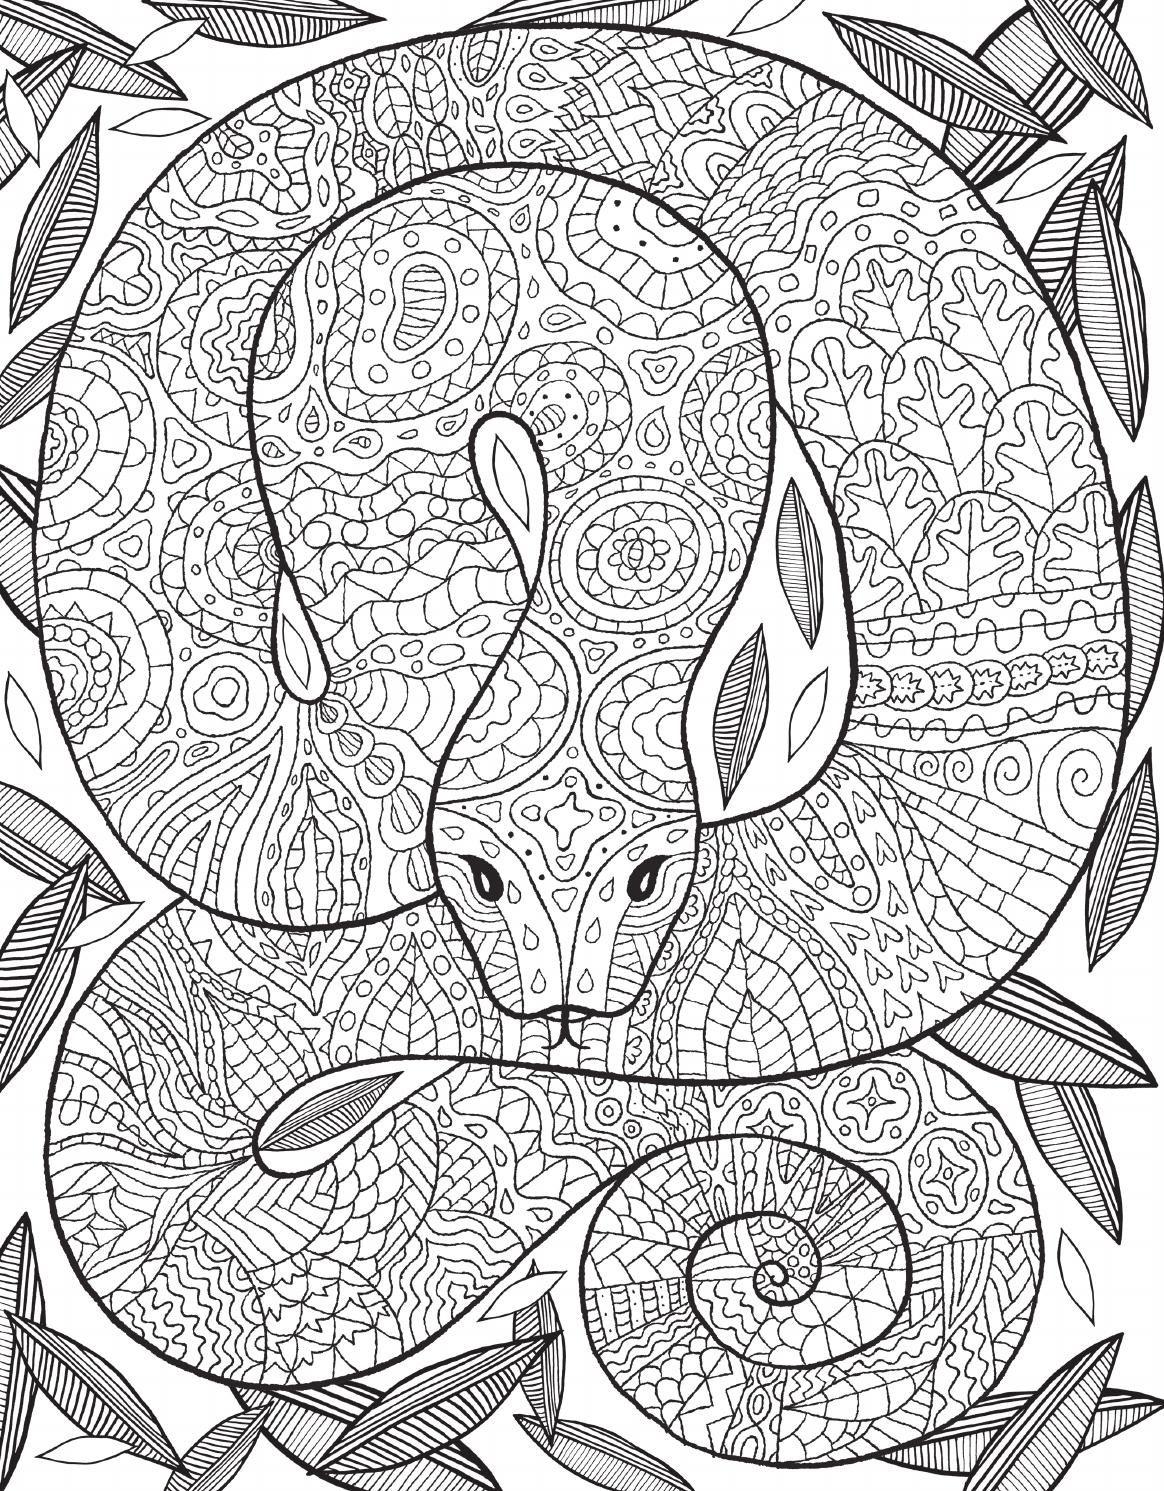 Sw swear word coloring pages etsy - El Libro De La Selva Adult Coloring Pagescolouring